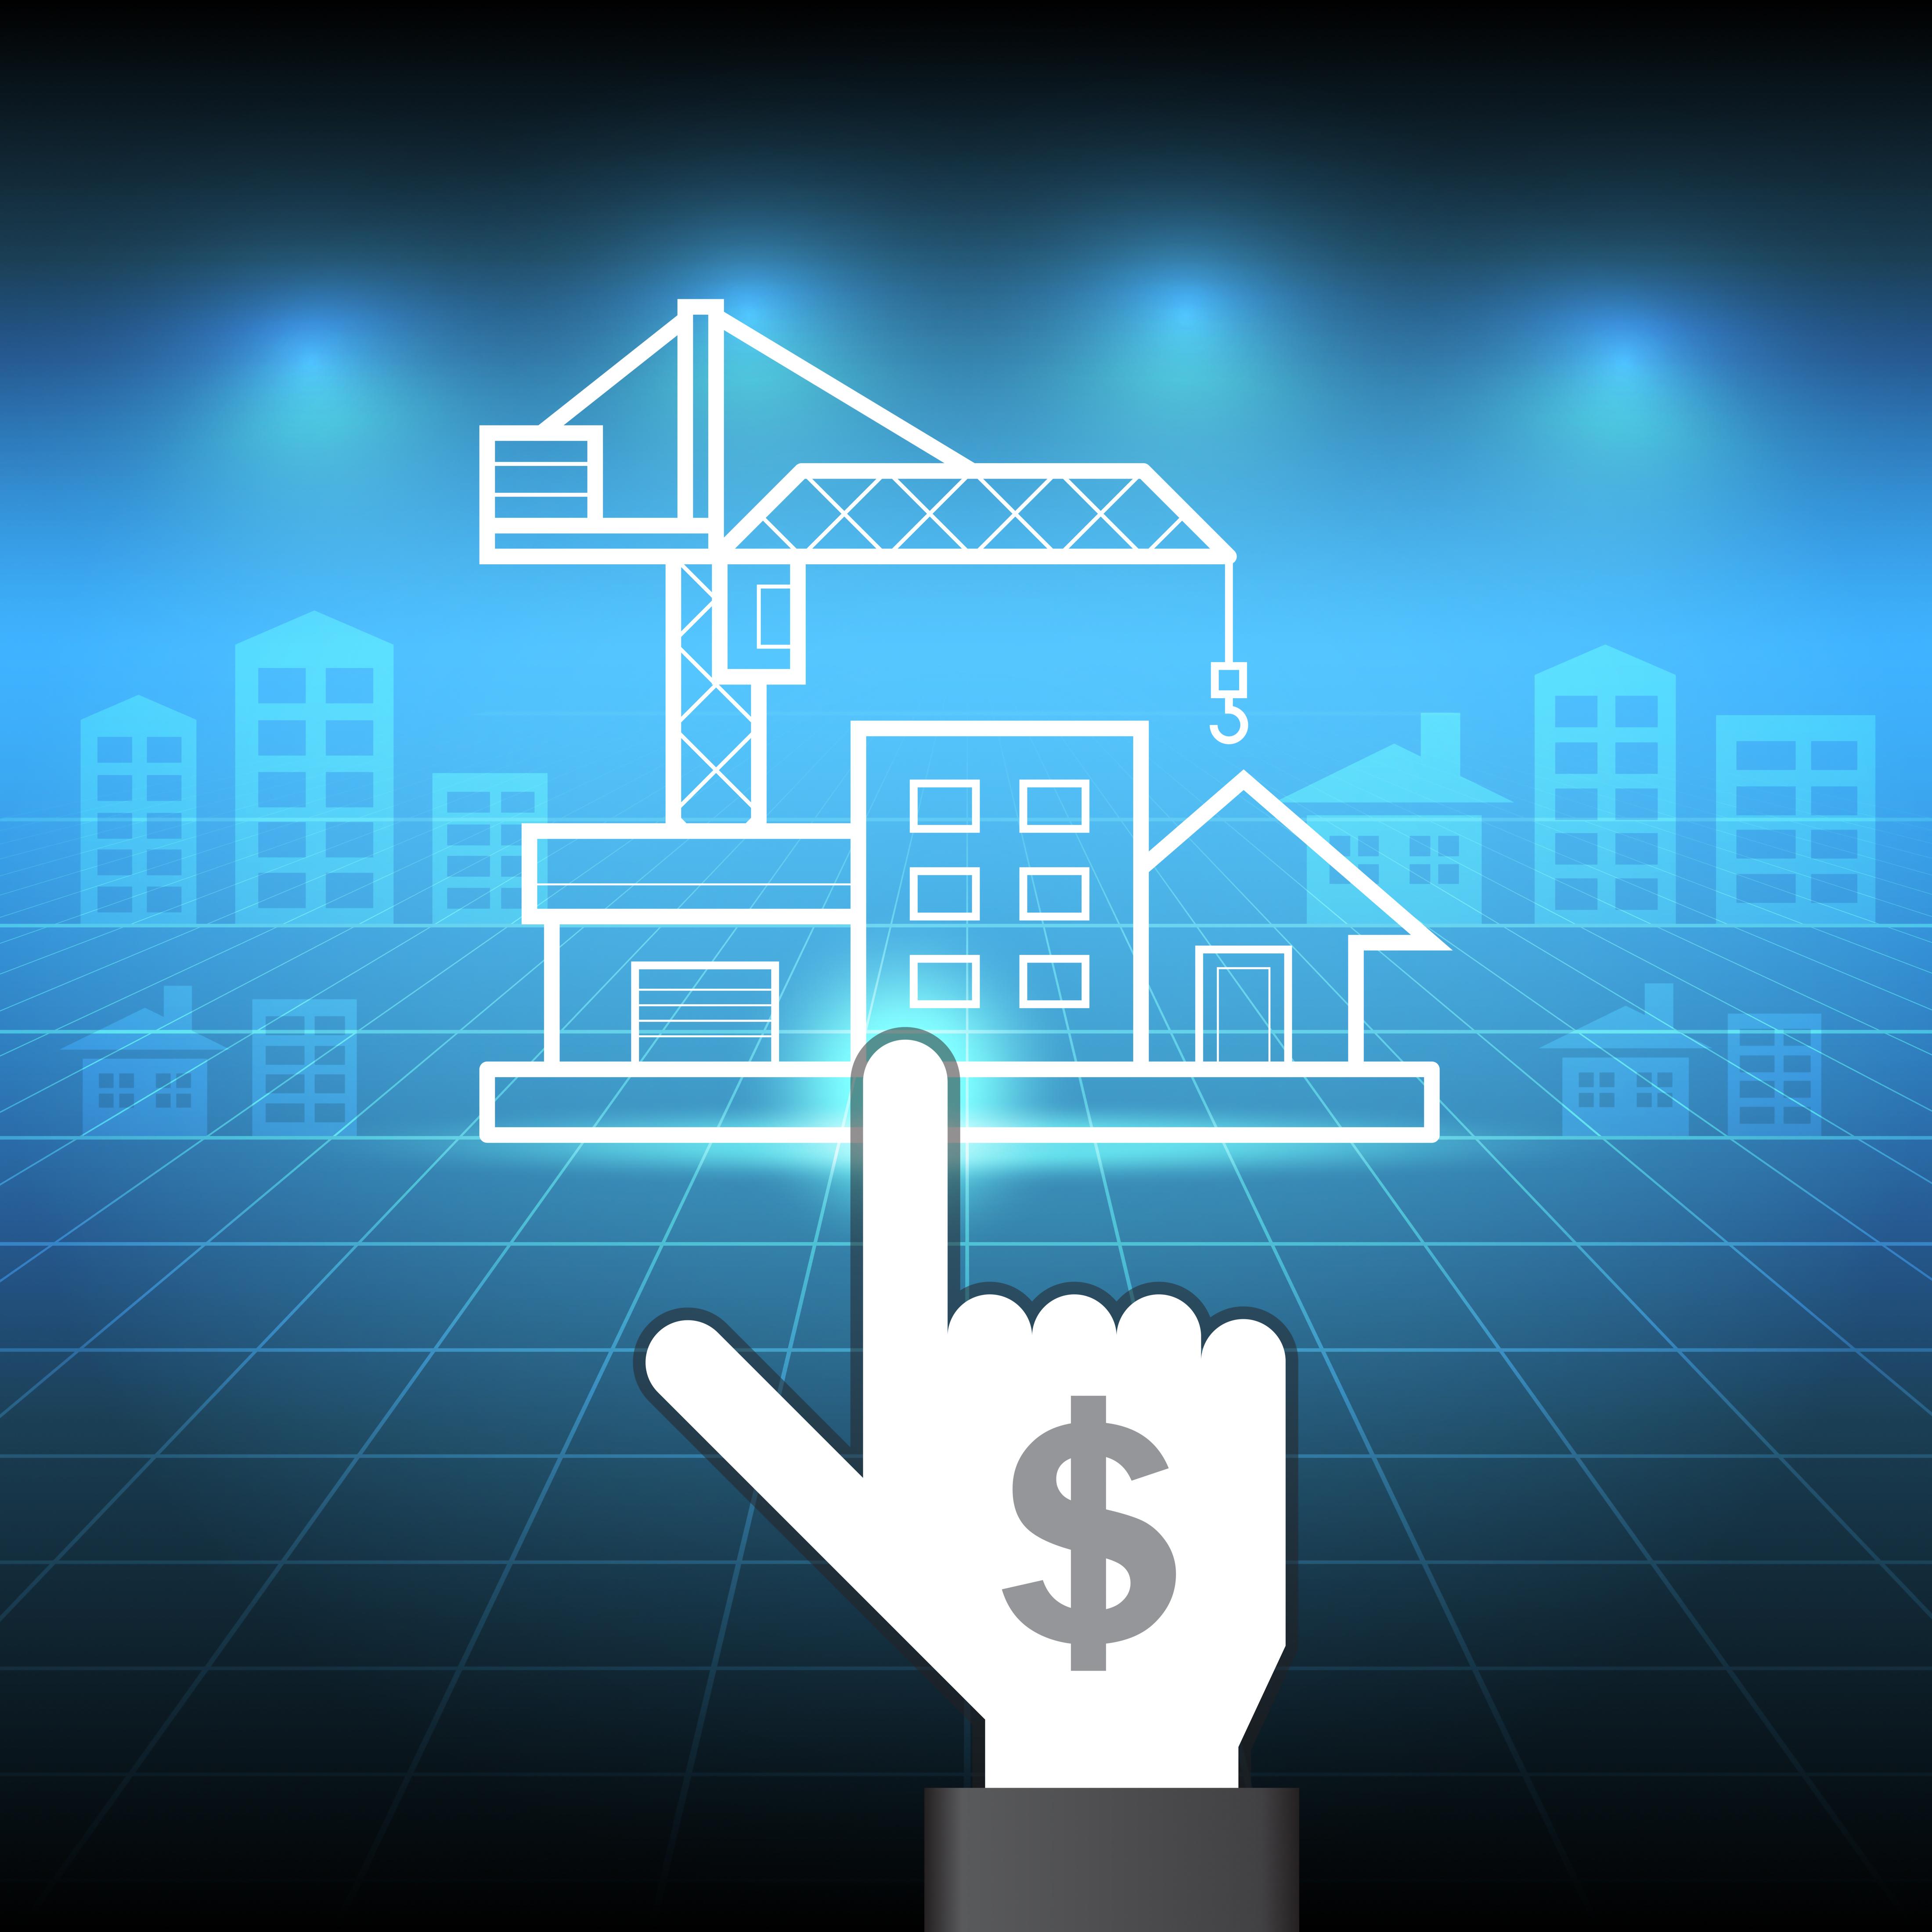 Las finanzas no son ajenas para el marketing | Página 919 de 1511 ...